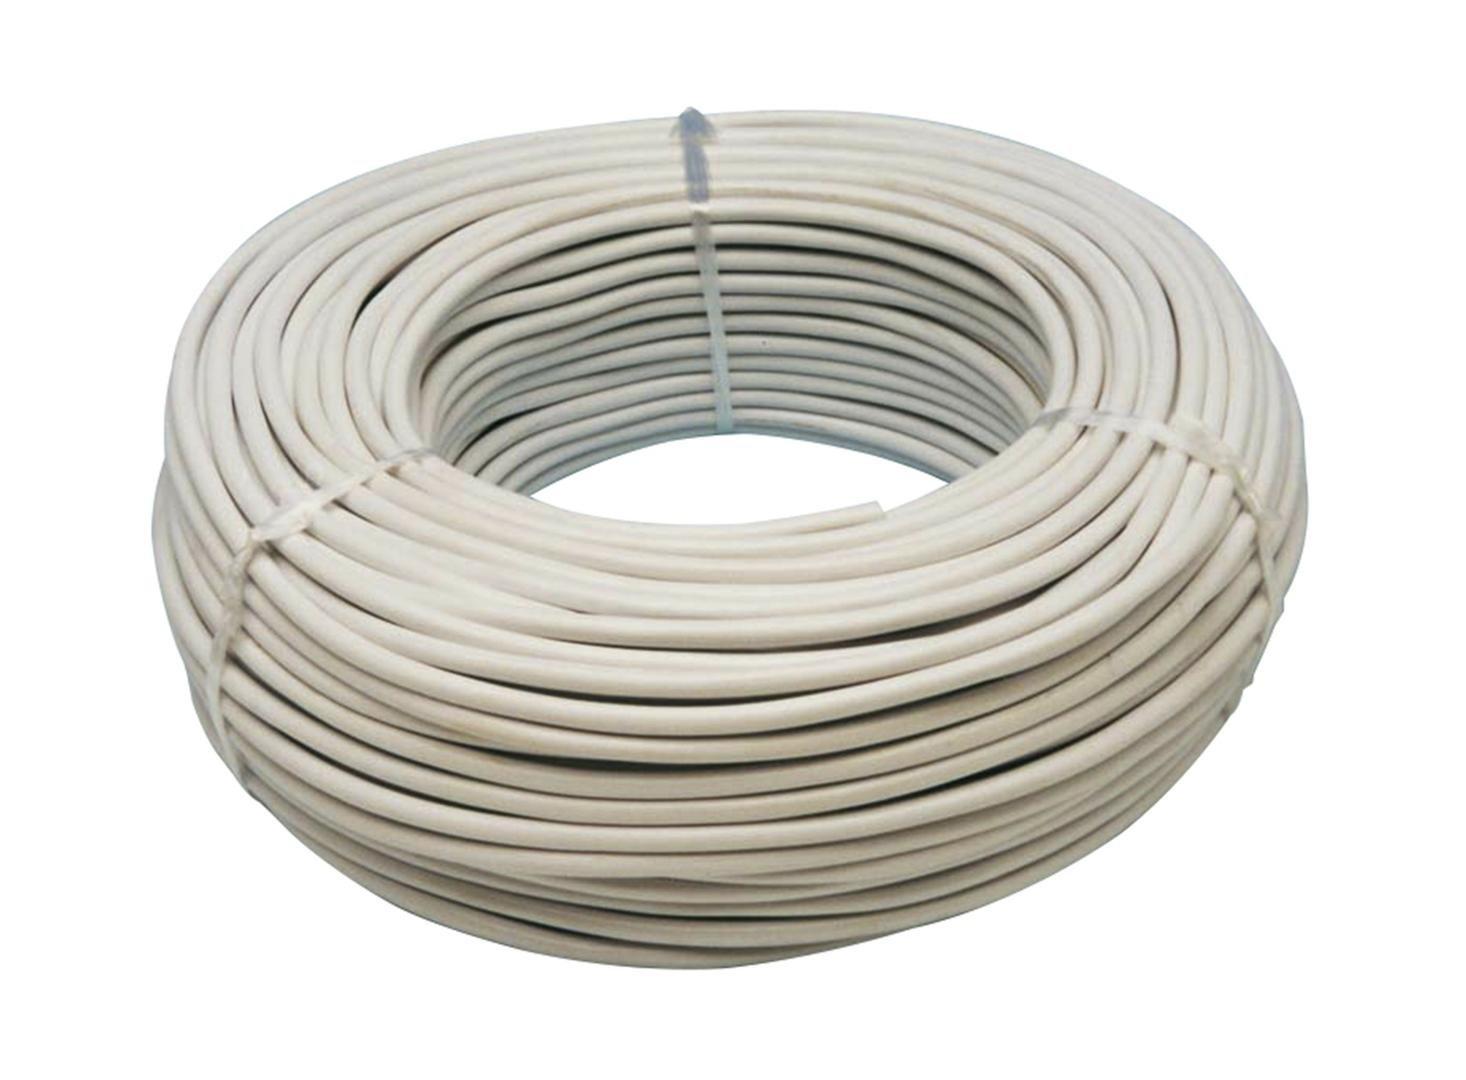 2 Unidades Cable manguera 3 X 2,5 Libre de Halogenos